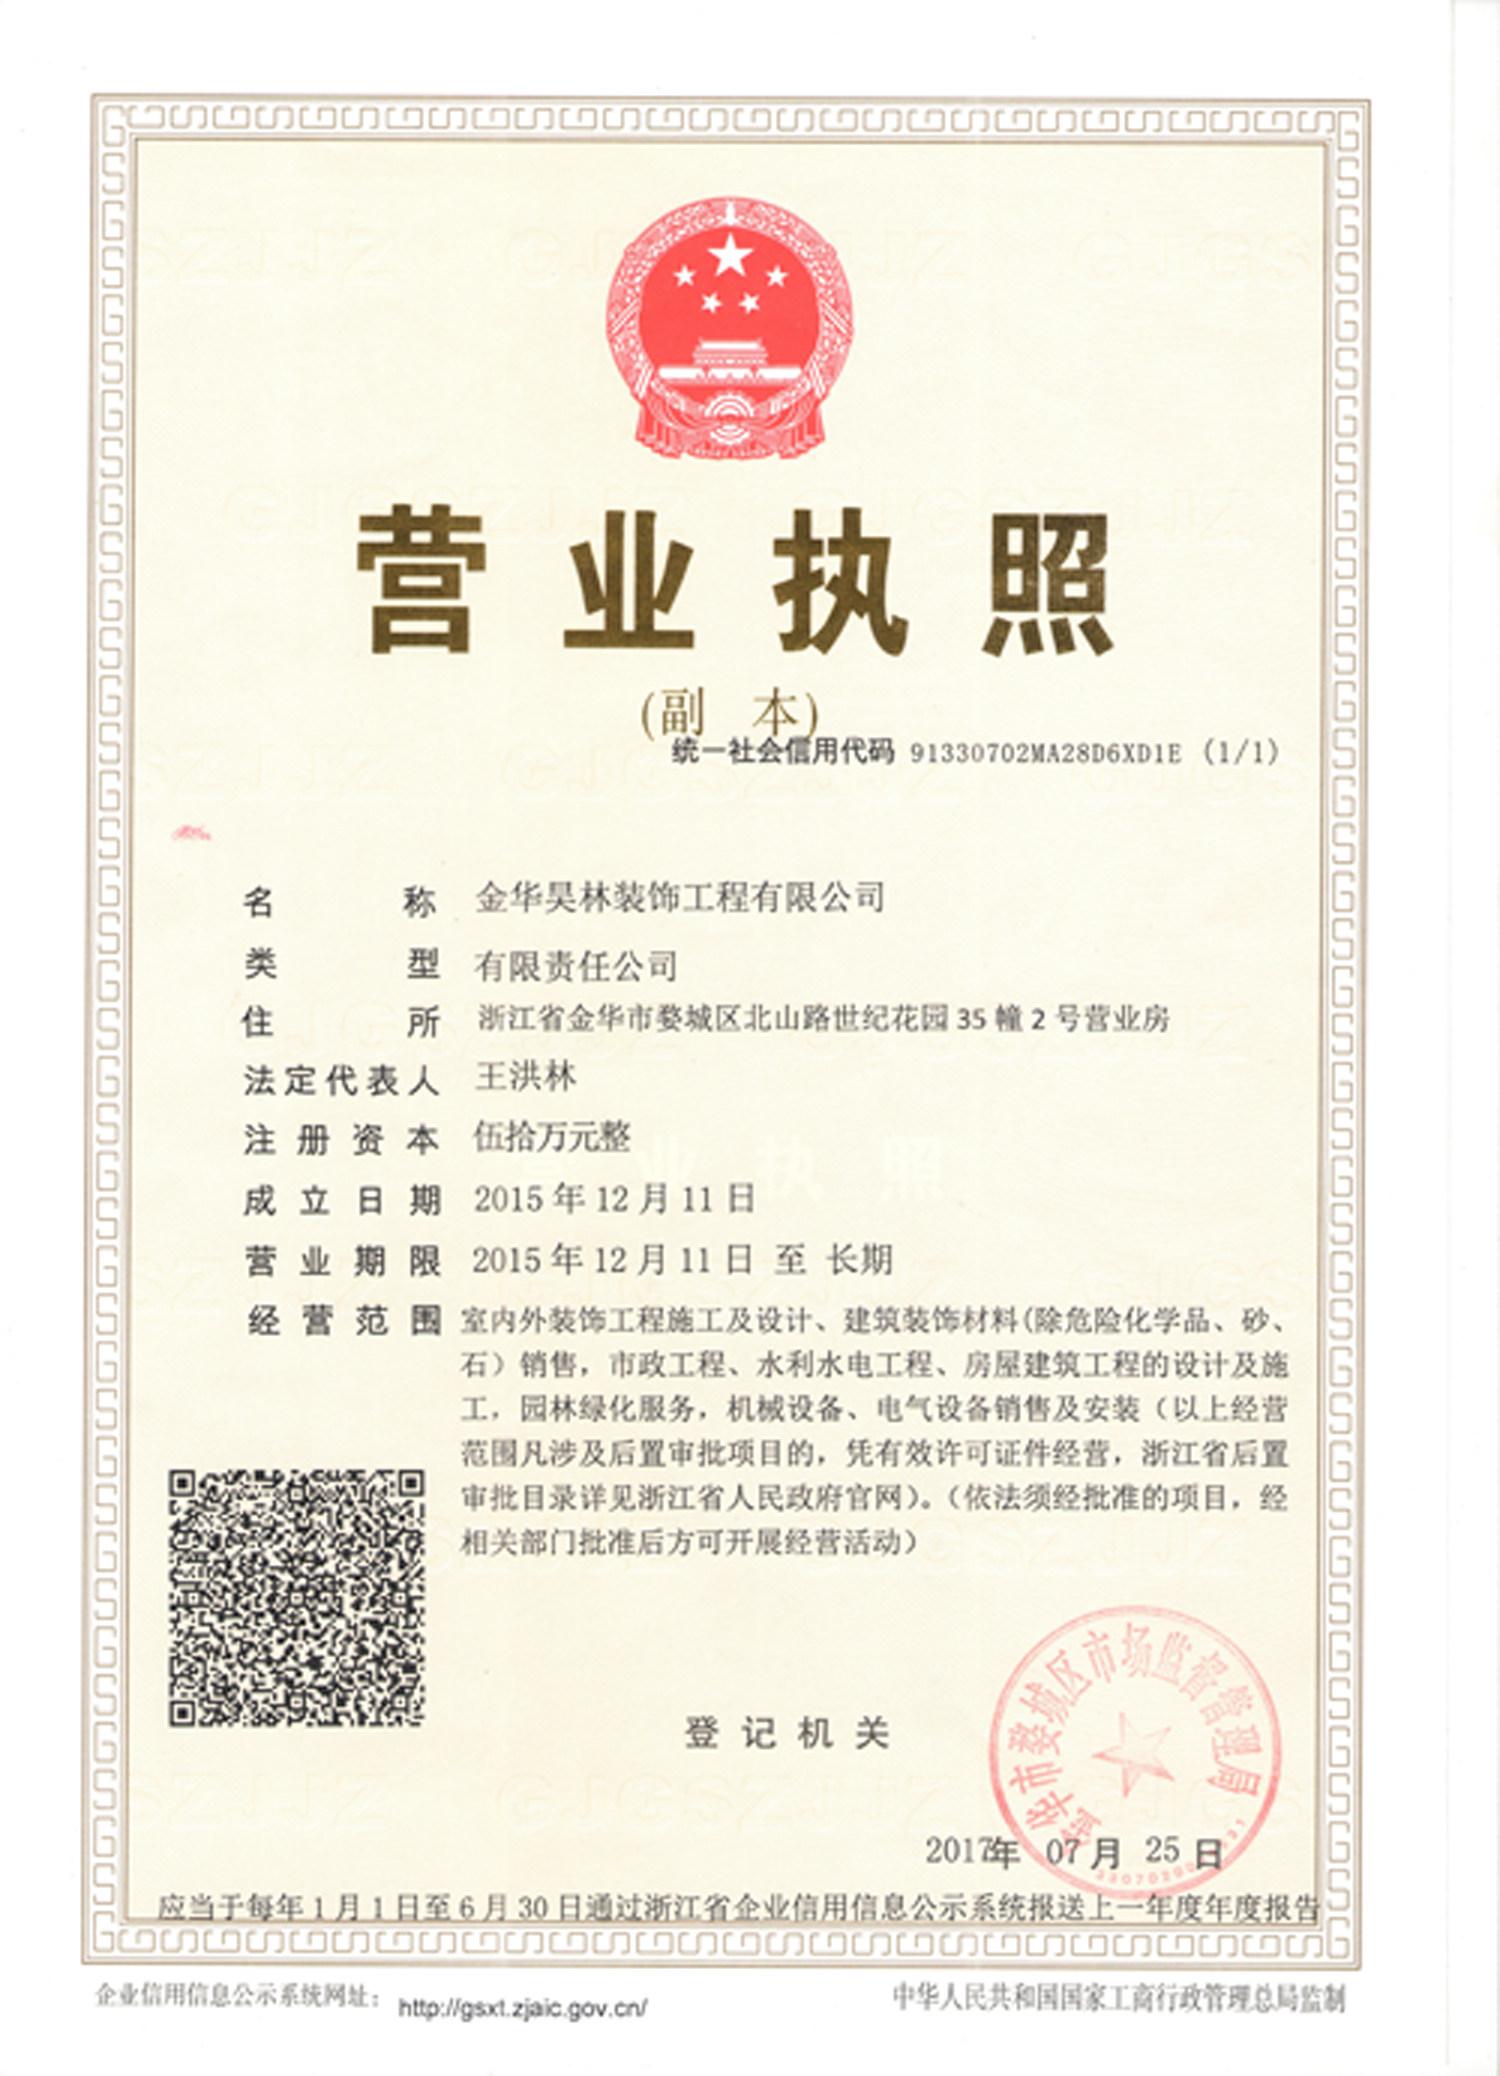 金华昊林装饰工程有限公司